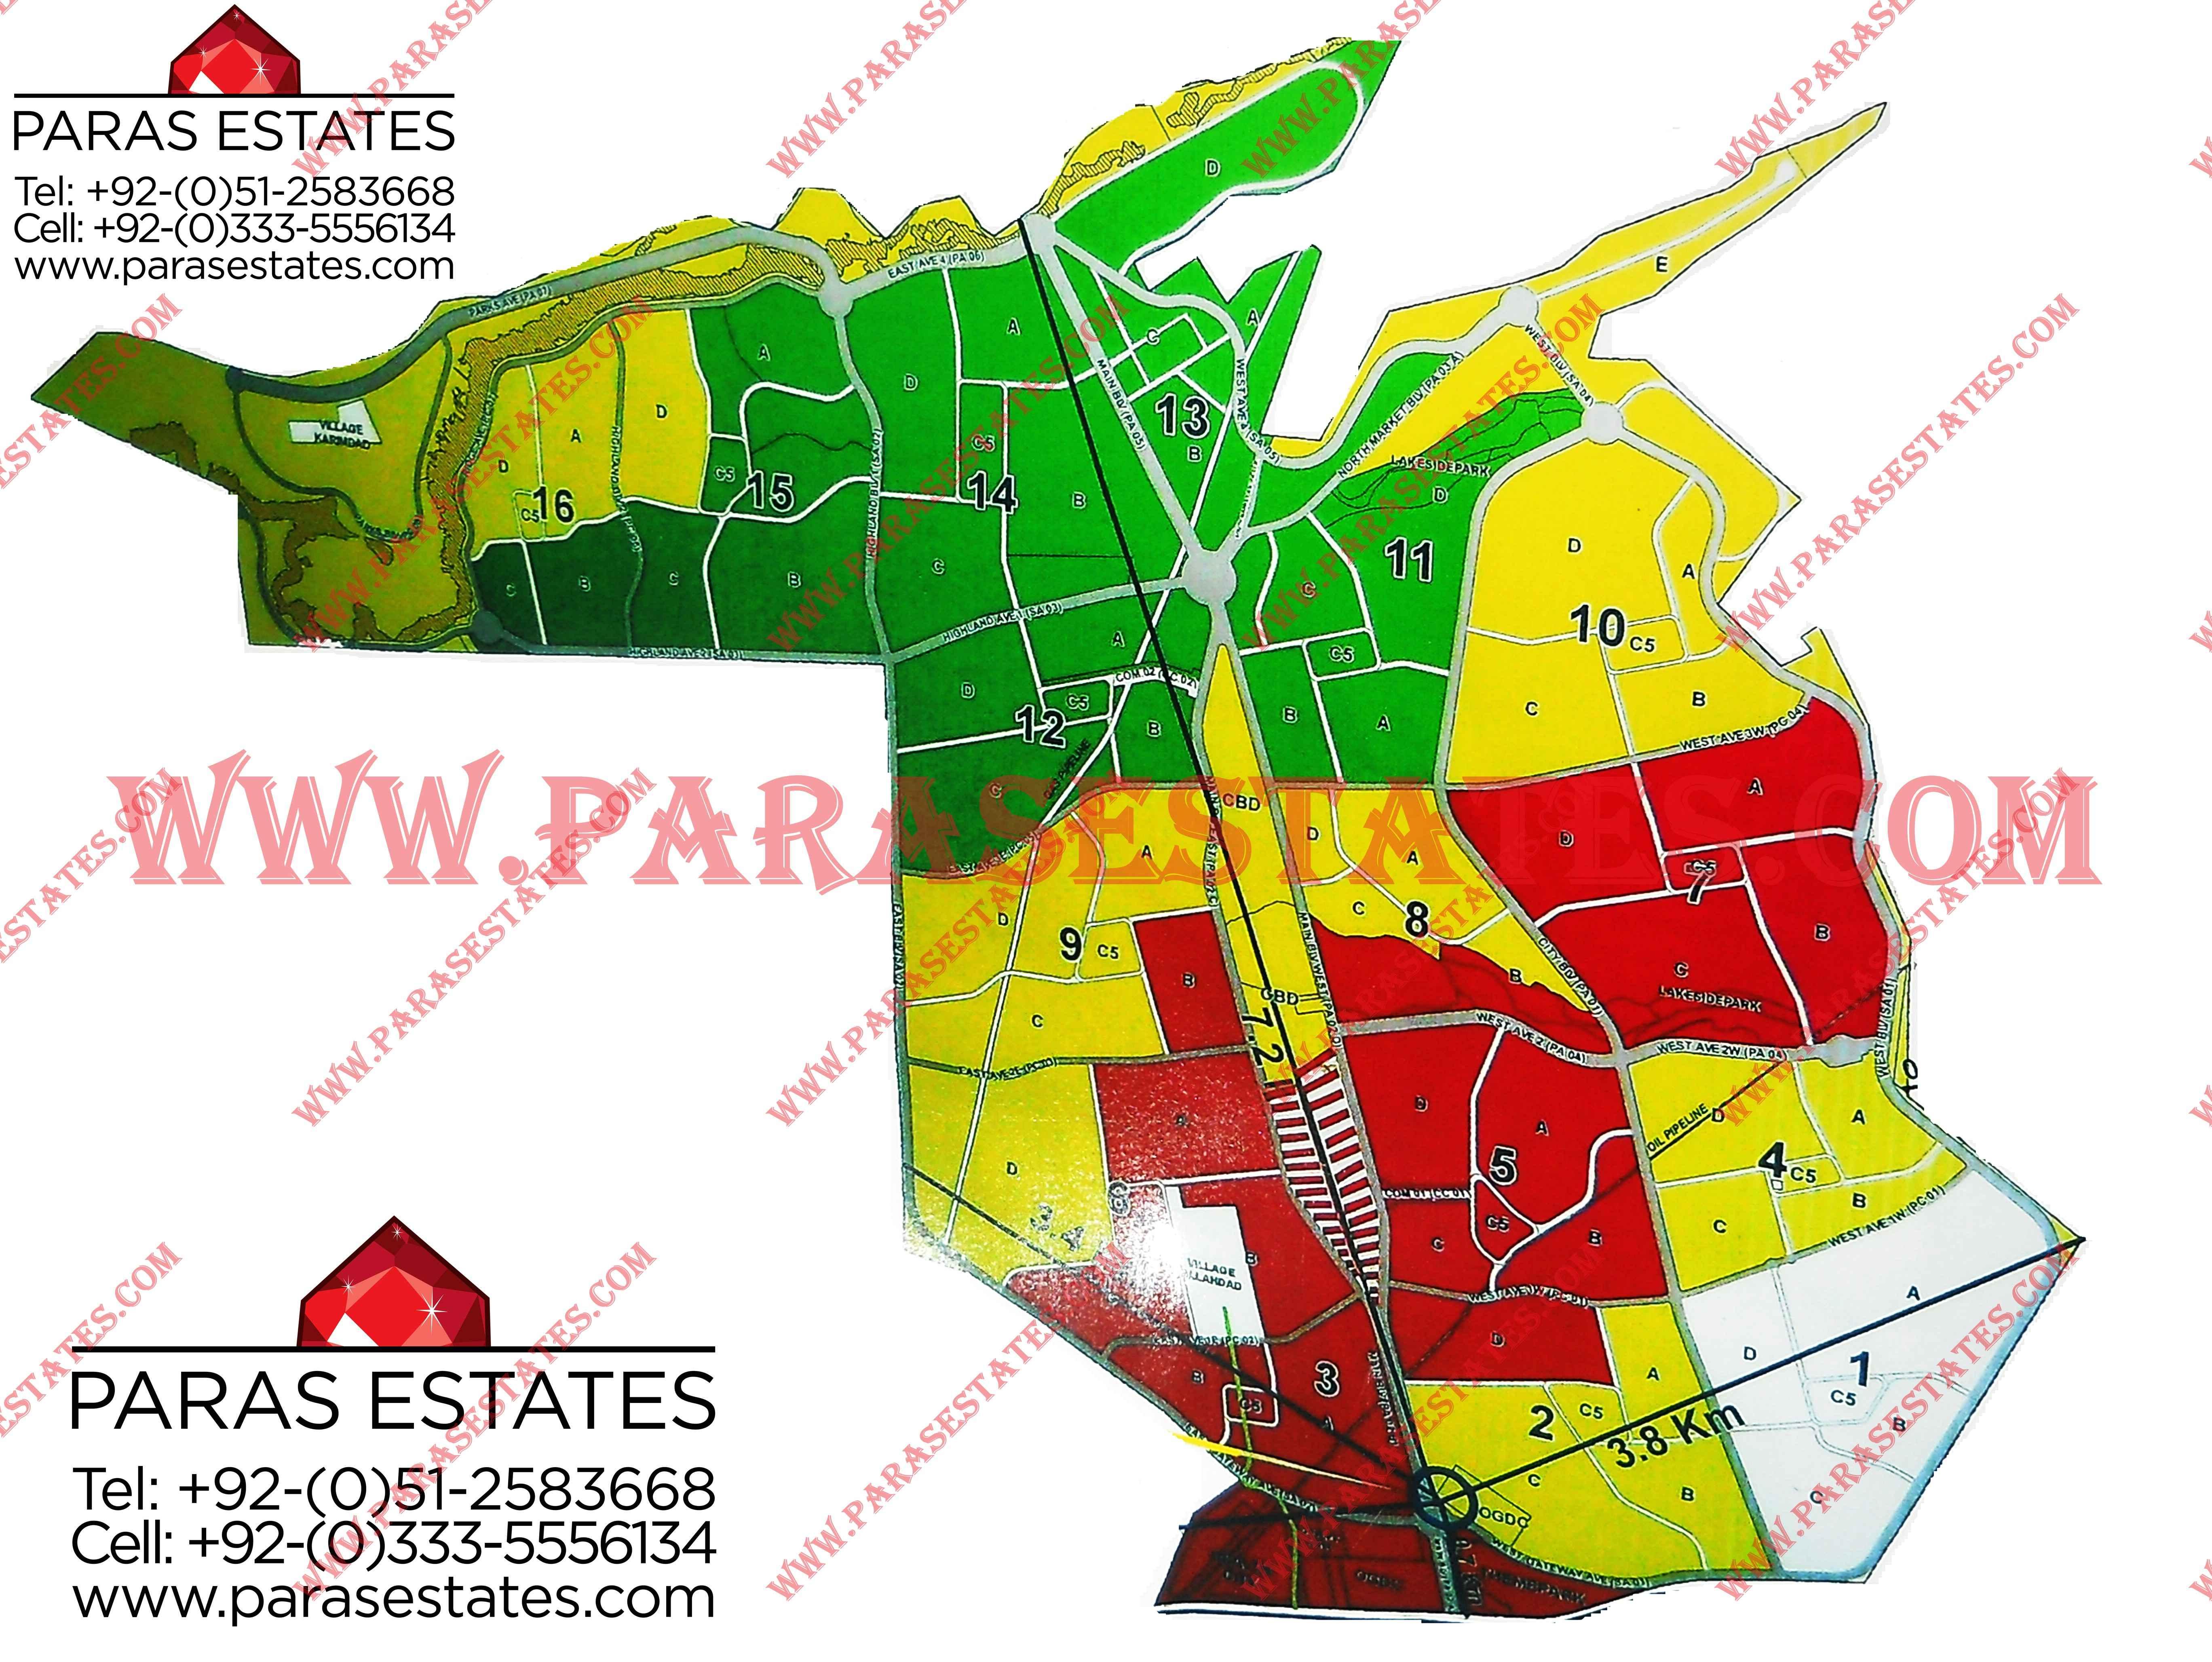 Karachi Maps » Paras Estates